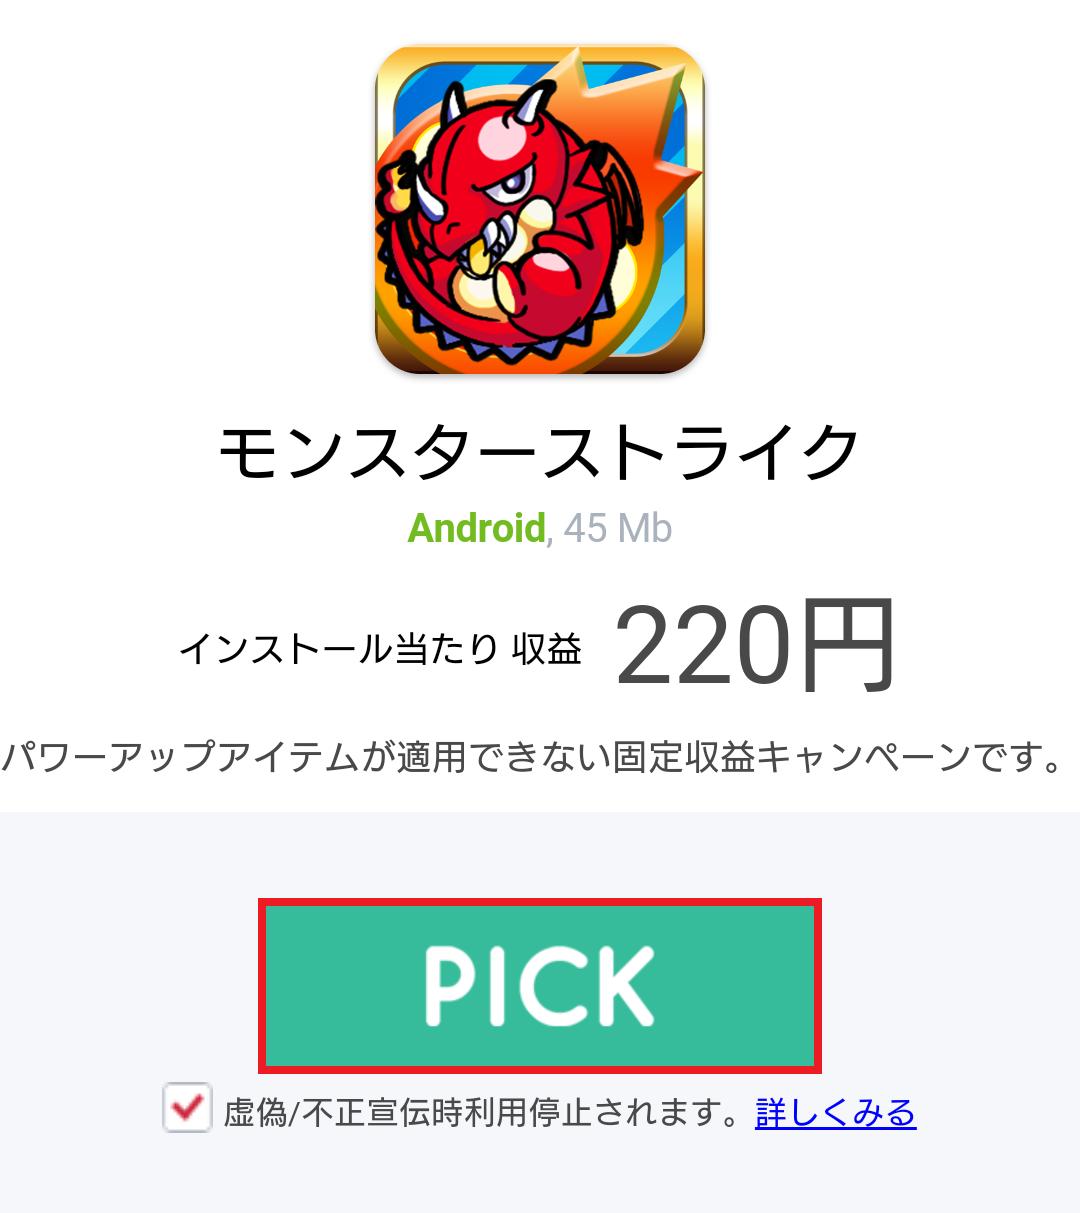 AD PICK/キャンペーン